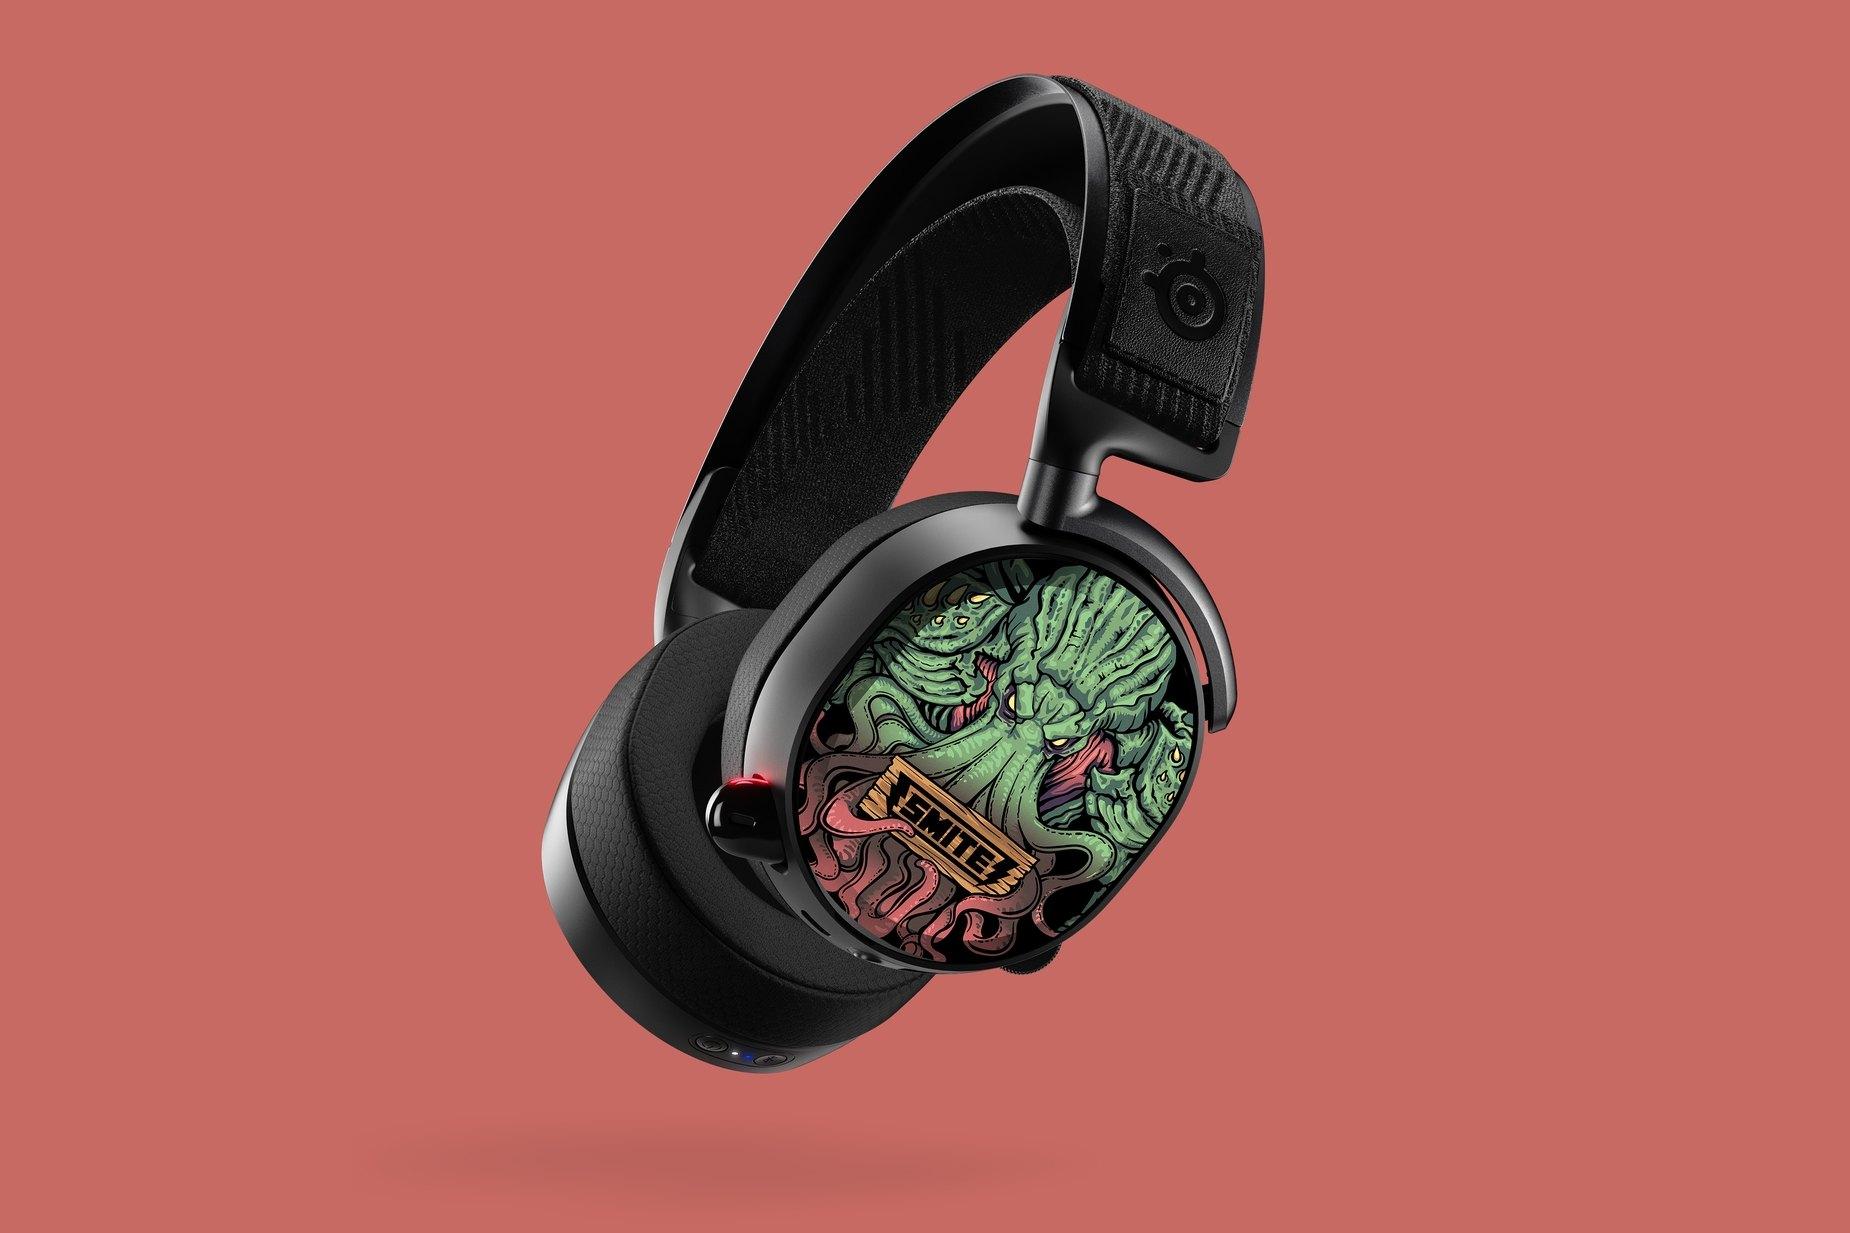 Image intégrale du casque audio Arctis Pro avec les nouvelles plaques d'écouteurs Smite